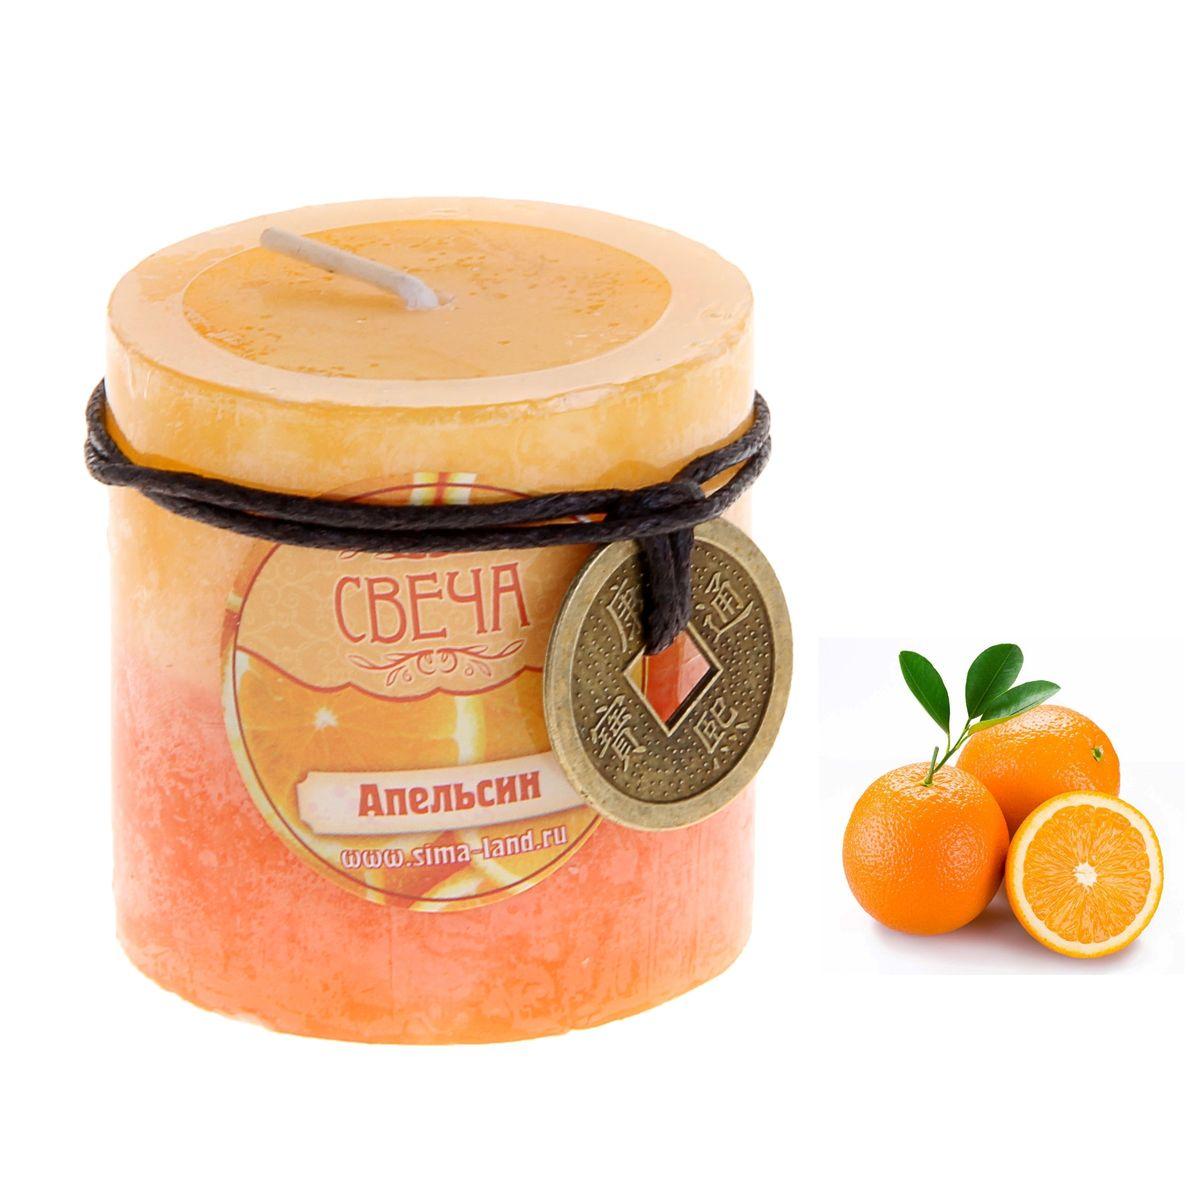 Свеча ароматизированная Sima-land Апельсин, цвет: светло-оранжевый, оранжевый, высота 5 см. 849454849454Свеча Sima-land Апельсин выполнена из воска в виде столбика. Изделие порадует вас ярким дизайном и приятным ароматом апельсина, который понравится как женщинам, так и мужчинам. В комплекте - монета на шнурке, декорированная рельефными изображениями иероглифов. Создайте для себя и своих близких незабываемую атмосферу праздника в доме. Ароматическая свеча Sima-land Апельсин может стать не только отличным подарком, но и гарантией хорошего настроения, ведь это красивая вещь из качественного, безопасного для здоровья материала.